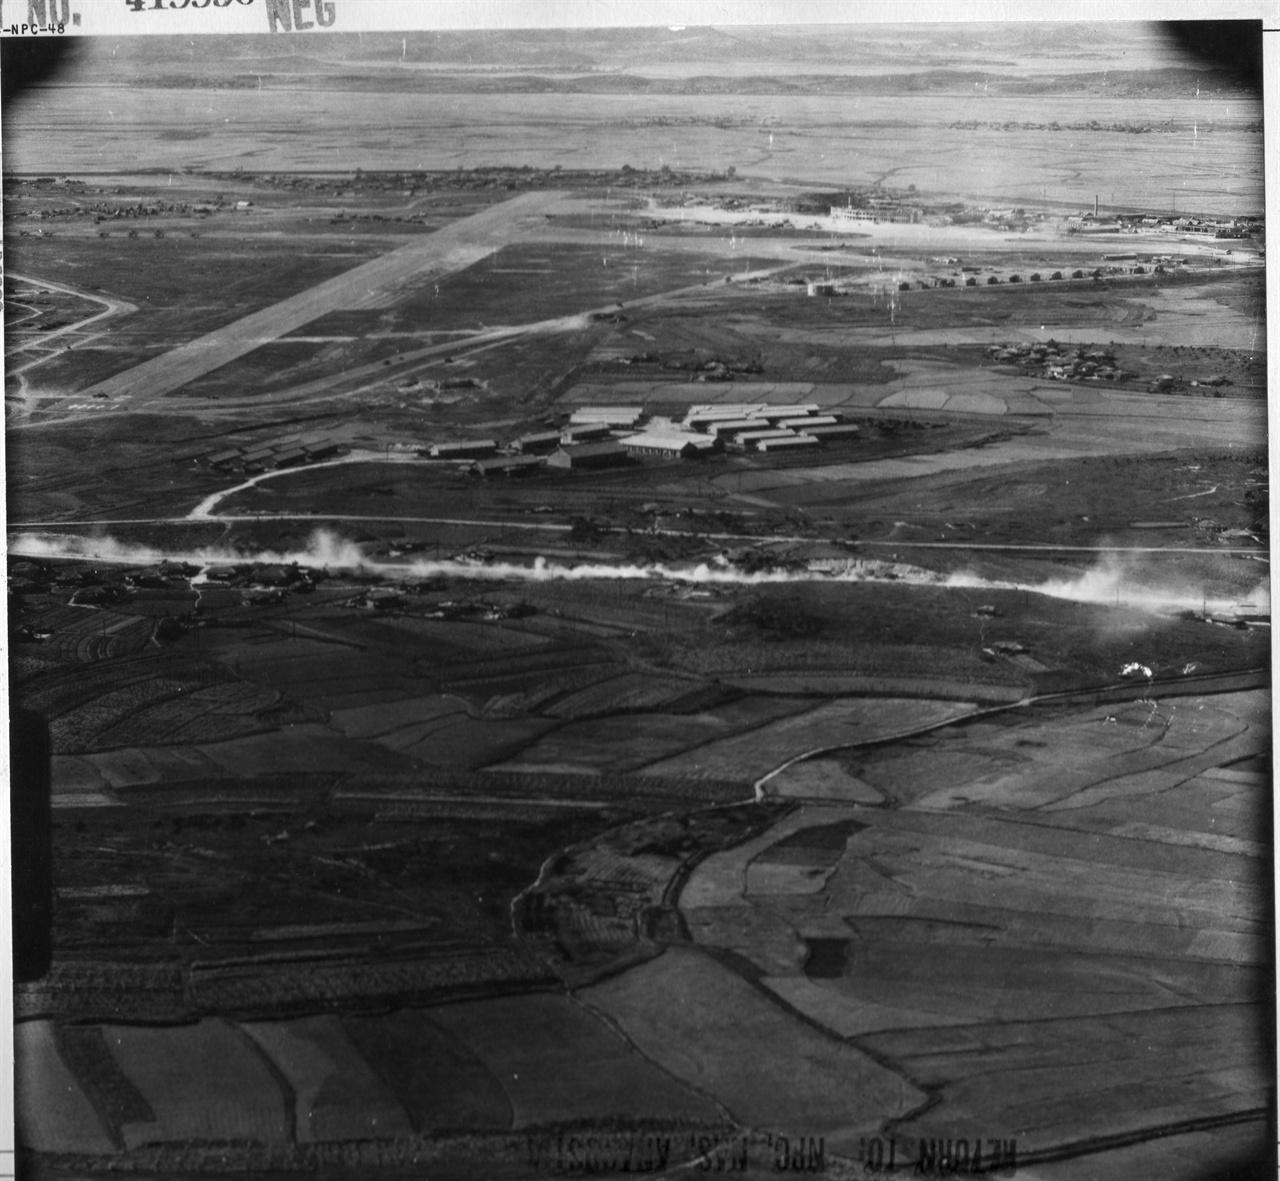 1950. 9. 하늘에서 내려다본 김포비행장 일대. 유엔군이 서울로 진격하고 있다.